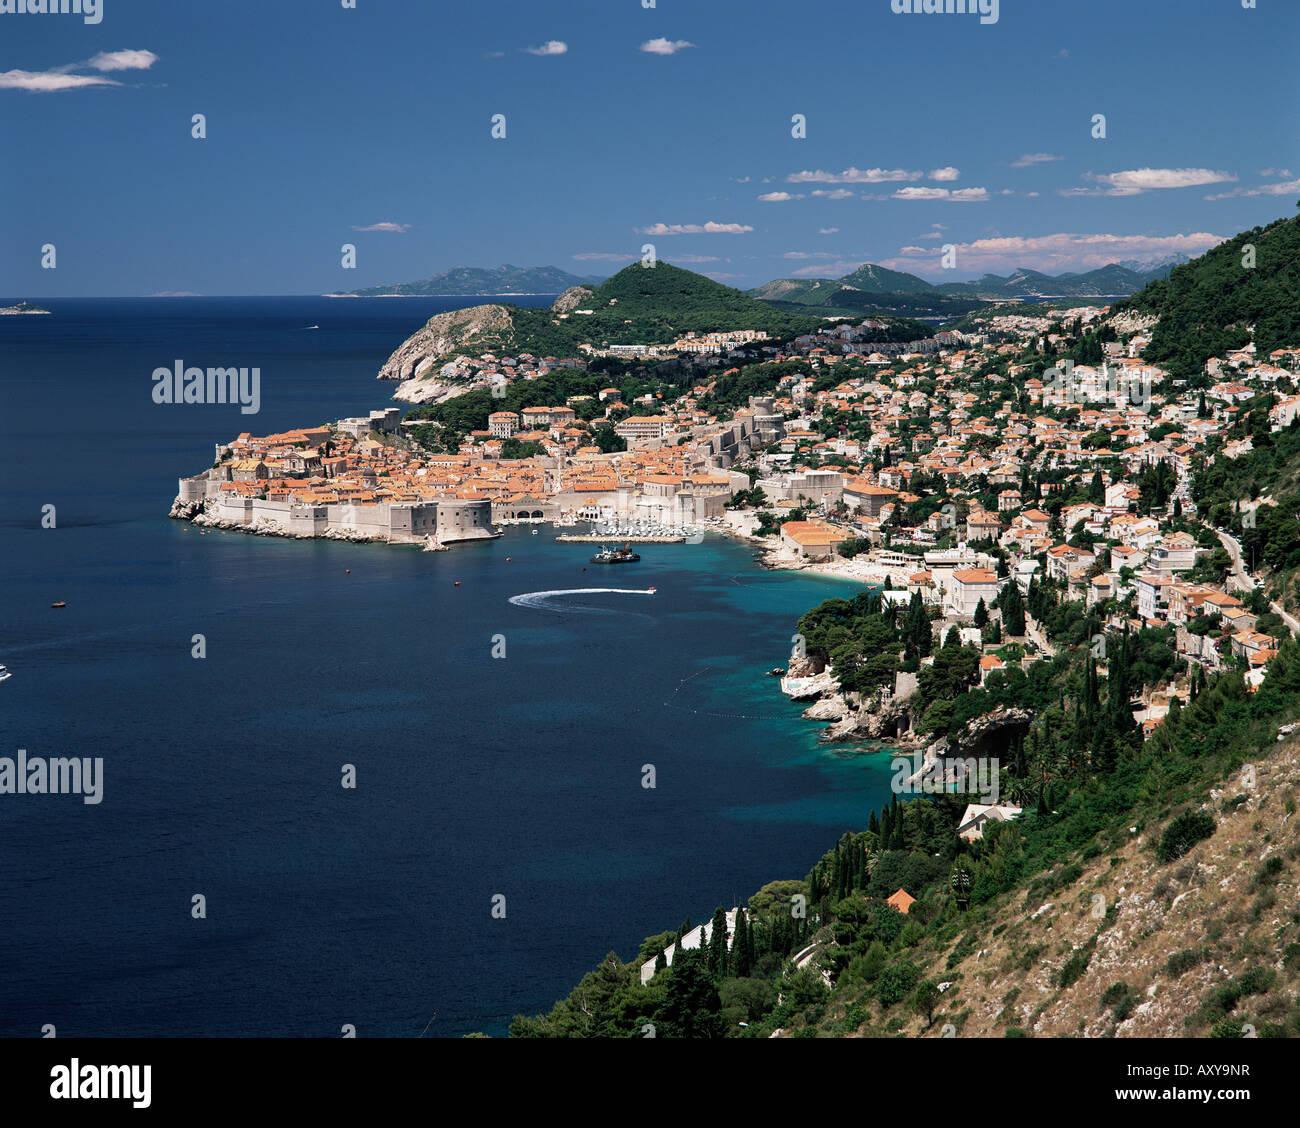 Elevated view along the coast to the city of Dubrovnik, Dalmatia, Dalmatian coast, Croatia, Europe - Stock Image